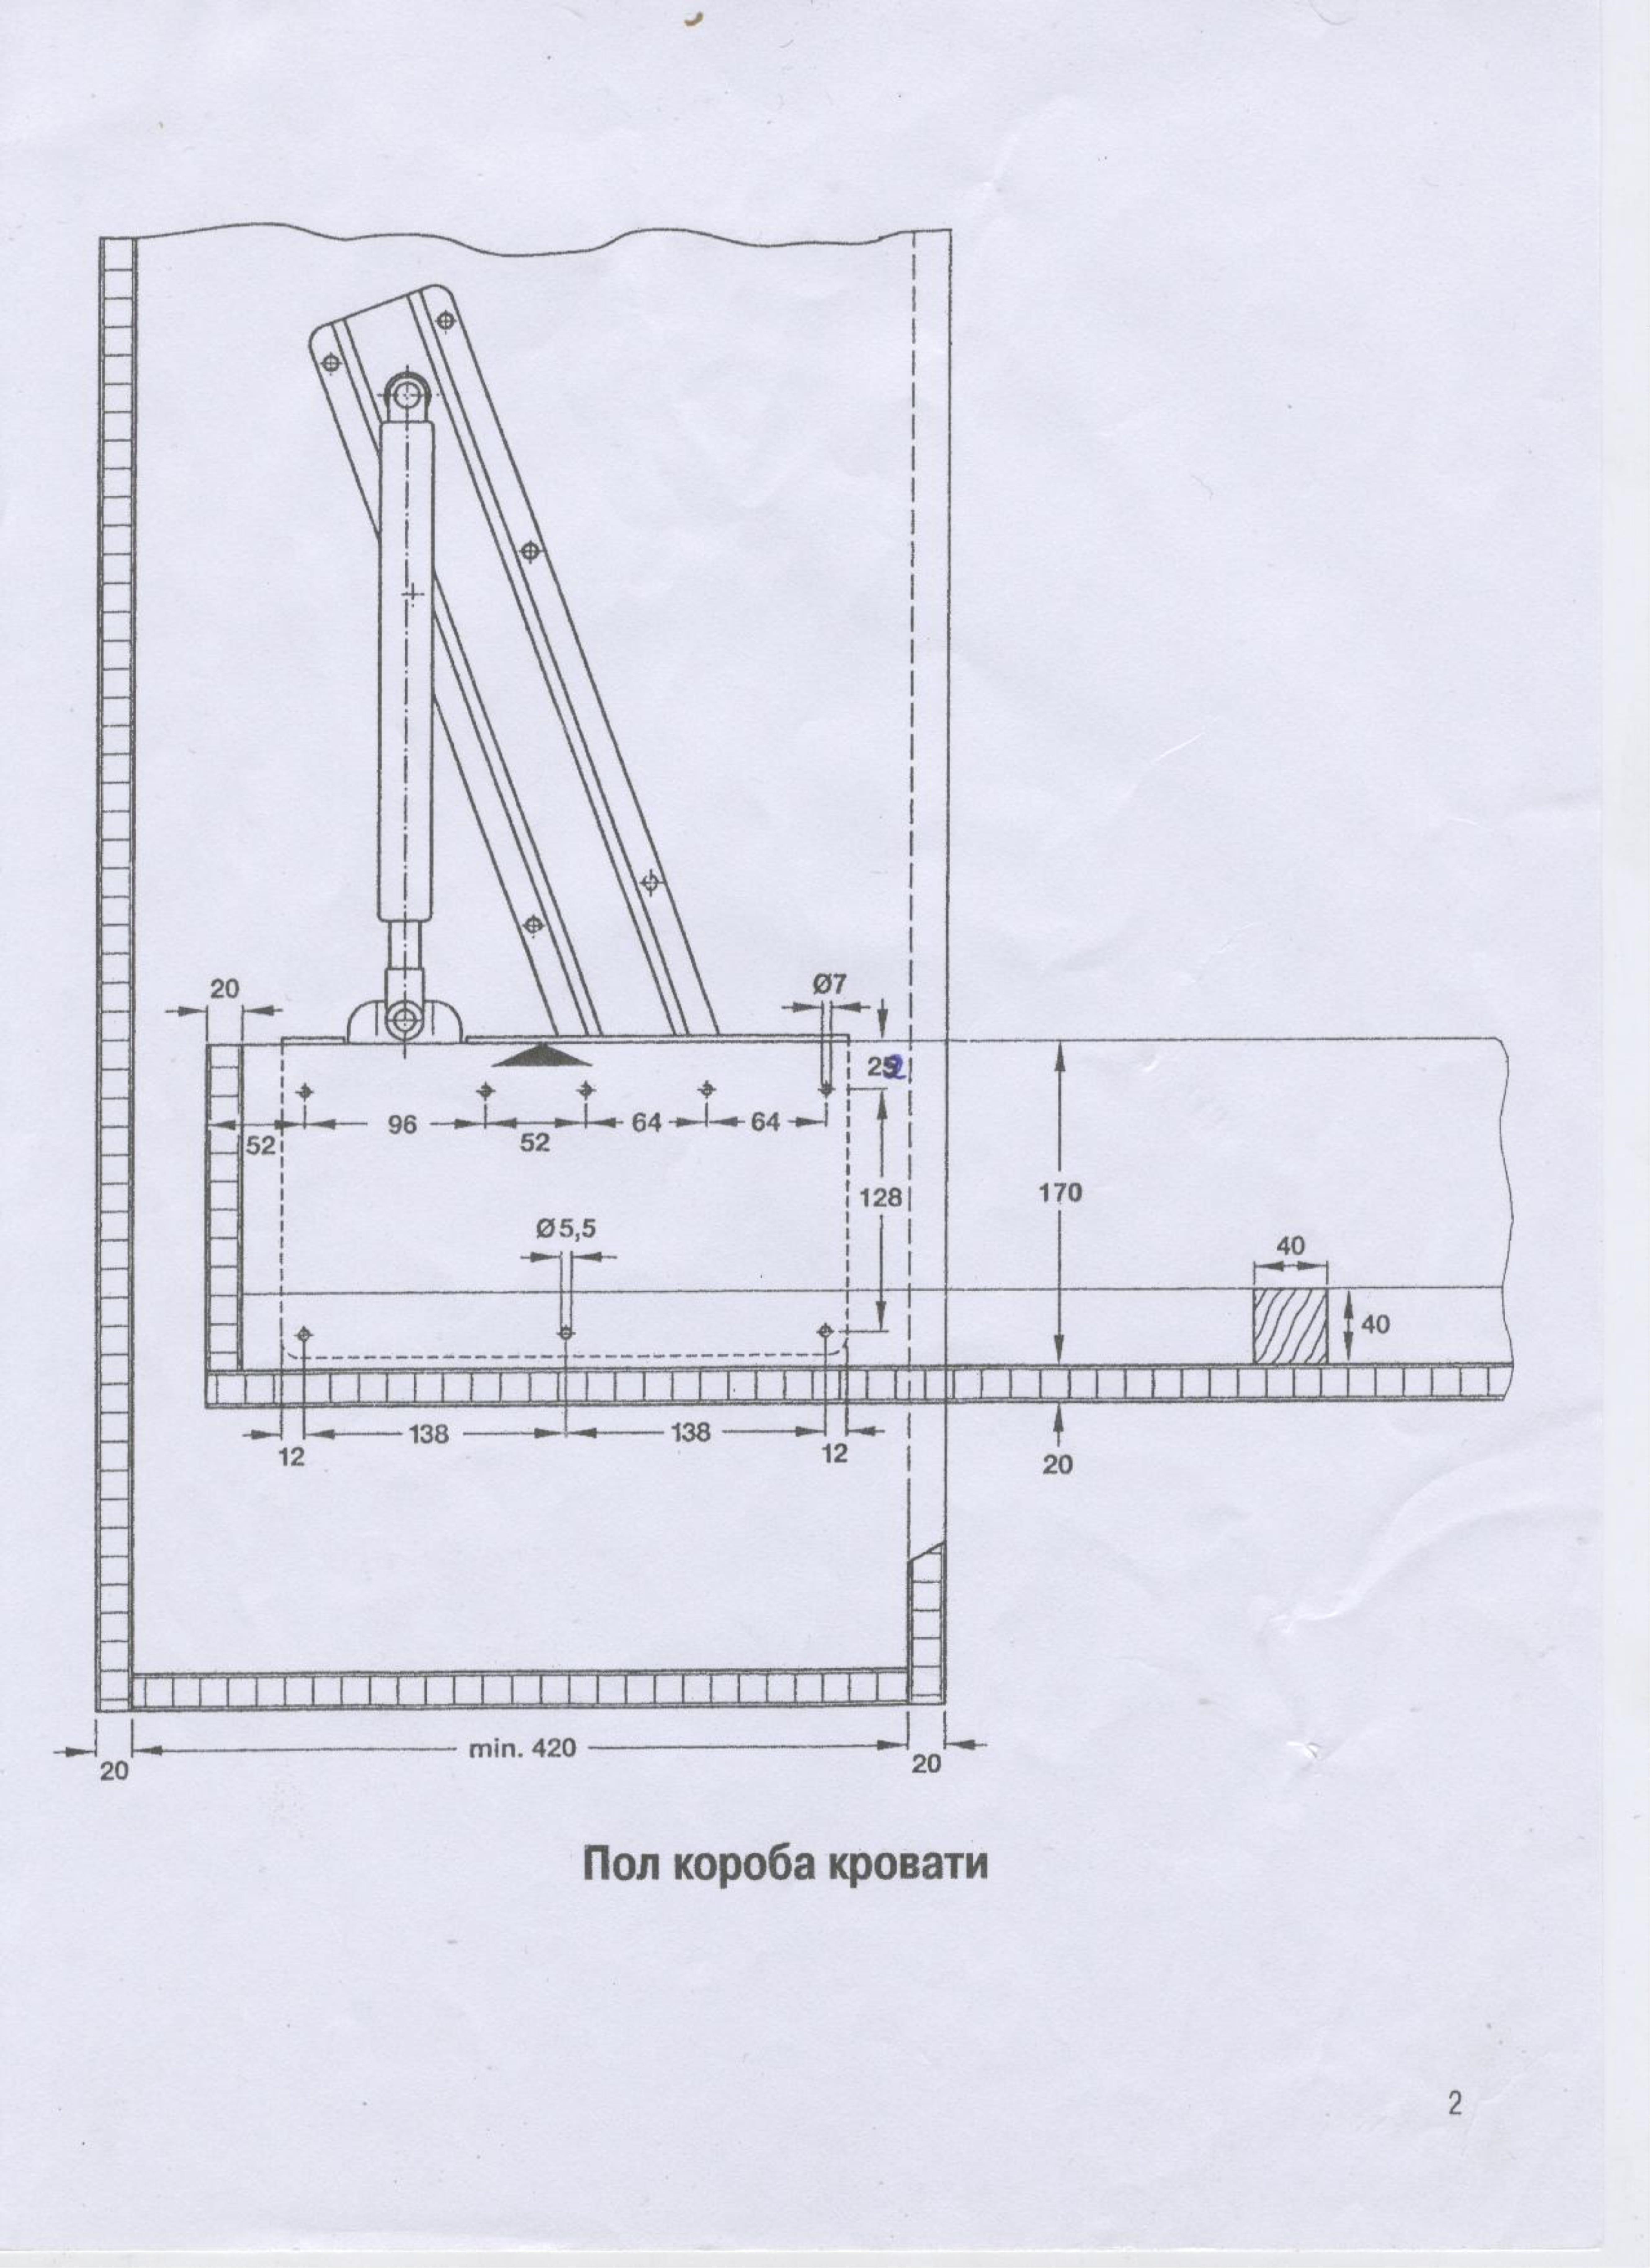 Механизм кровать-шкаф своими руками